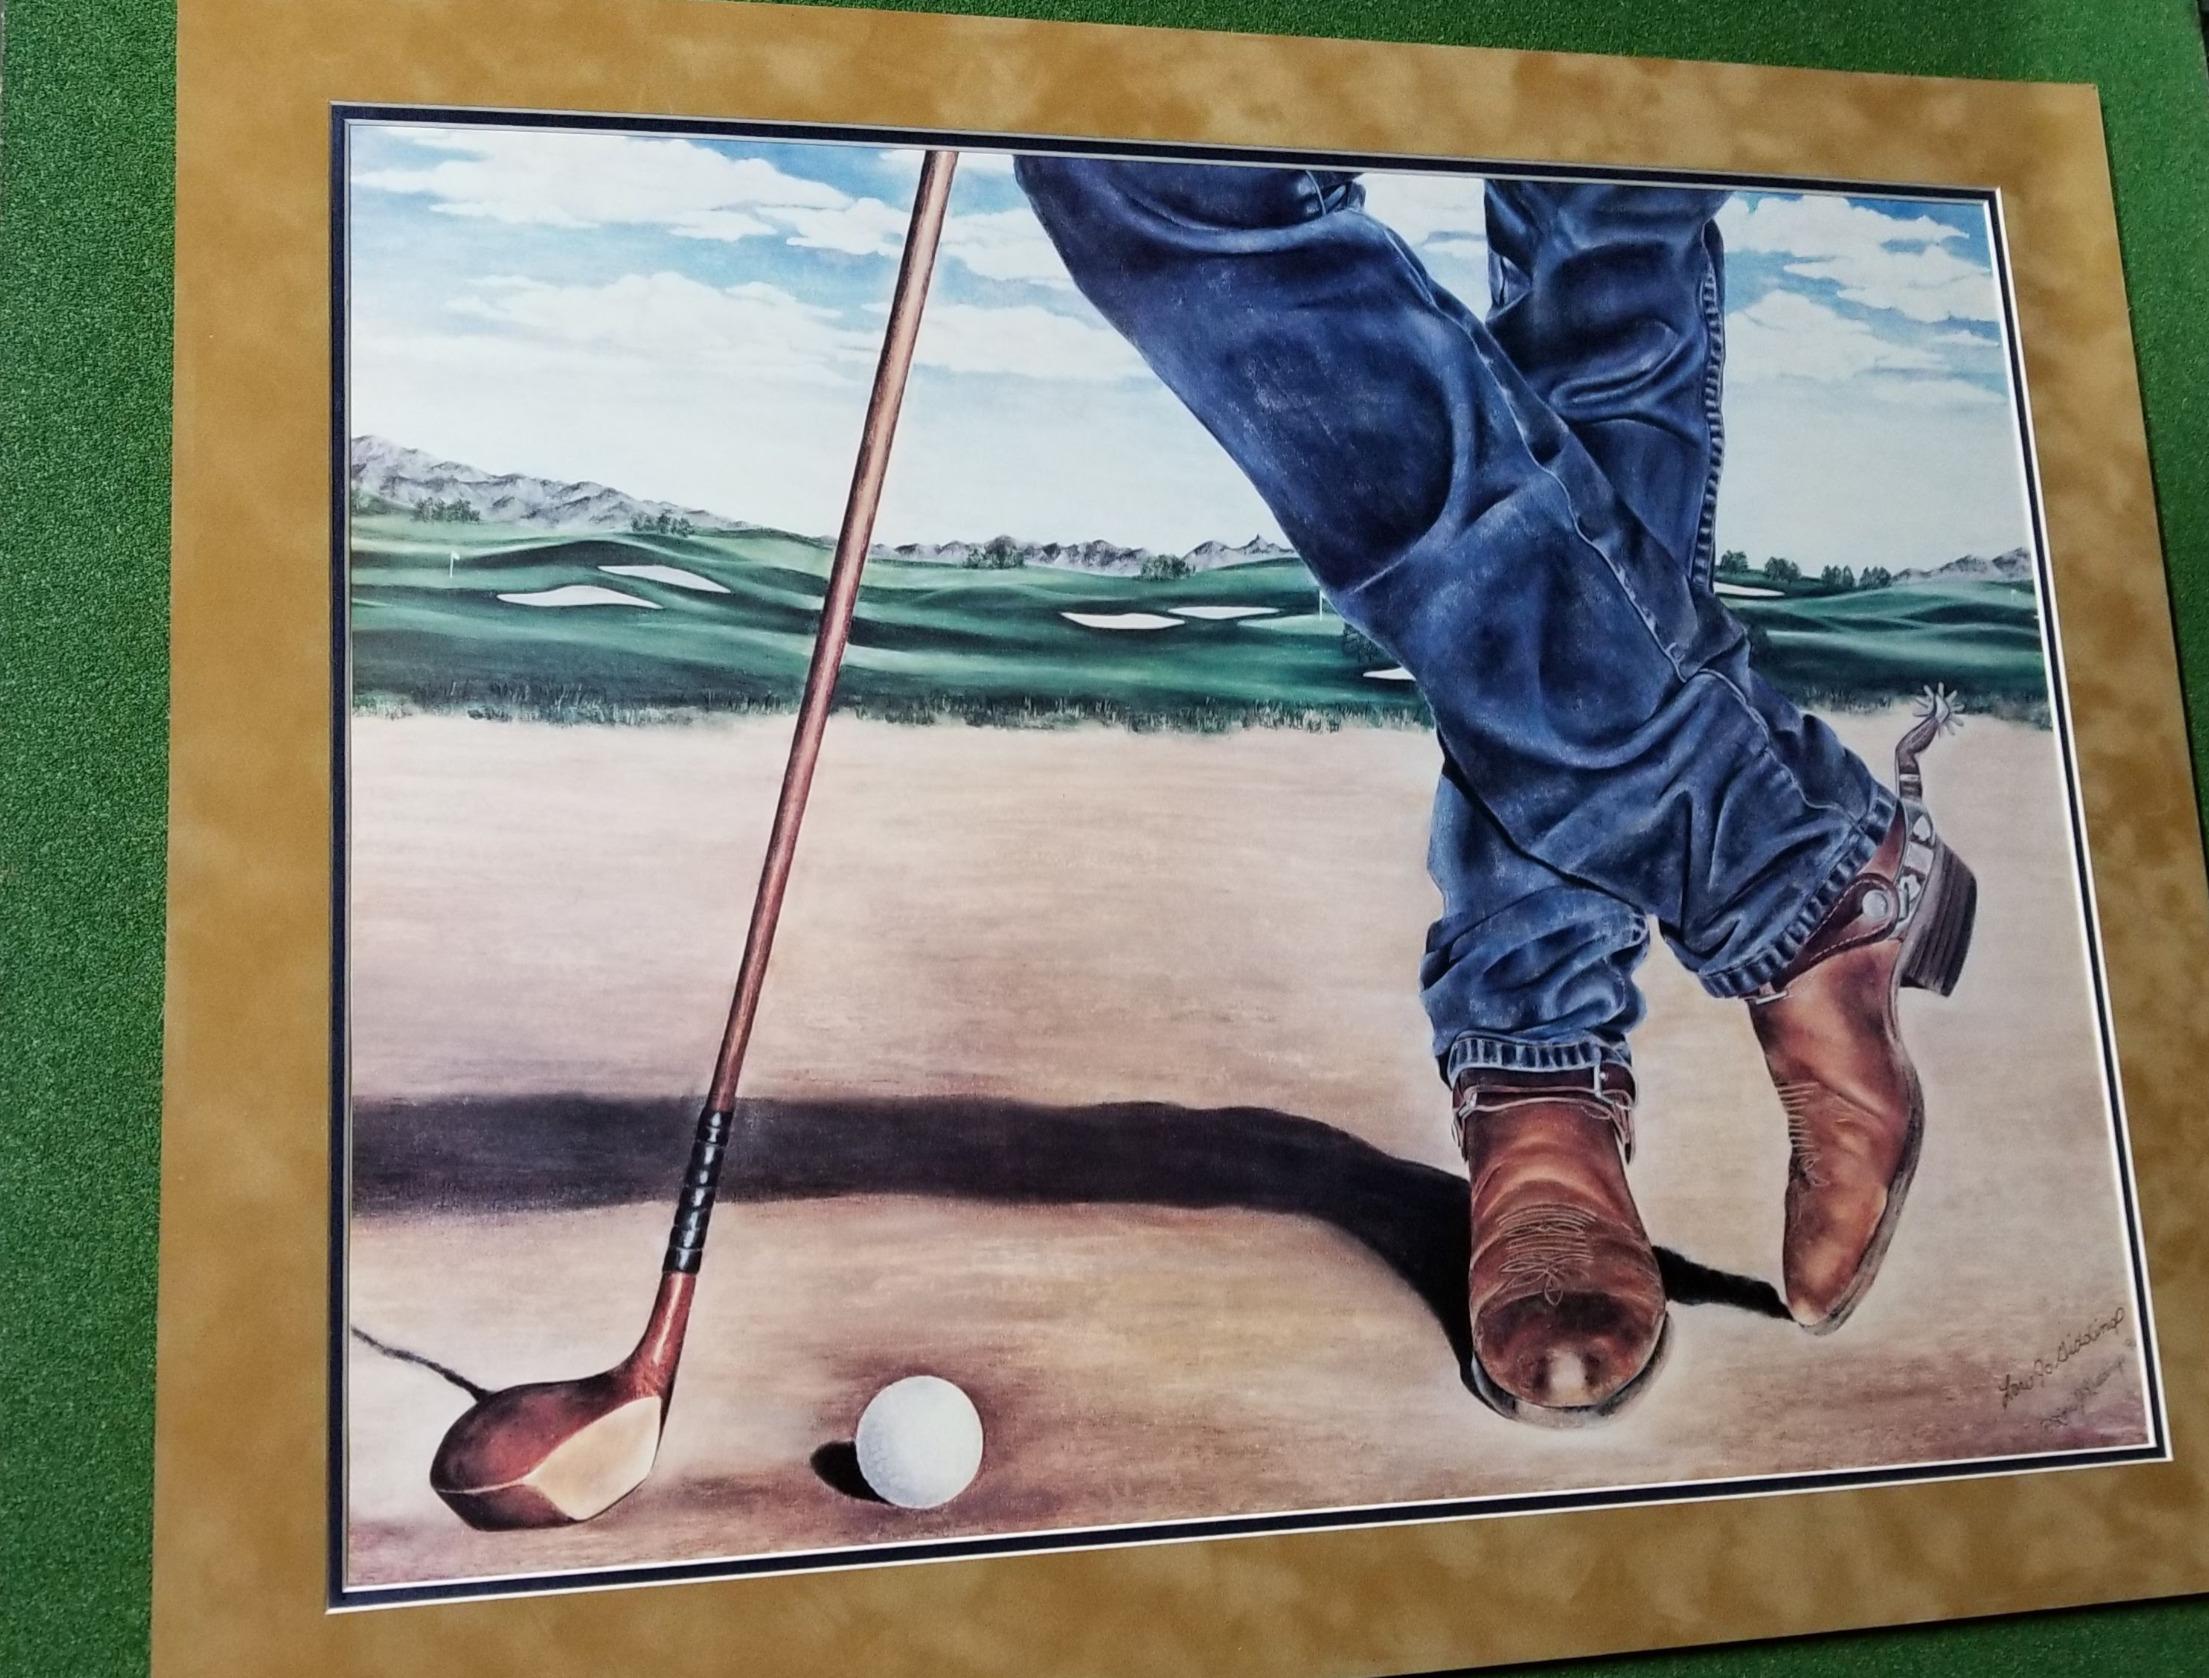 Cowboy Golfer